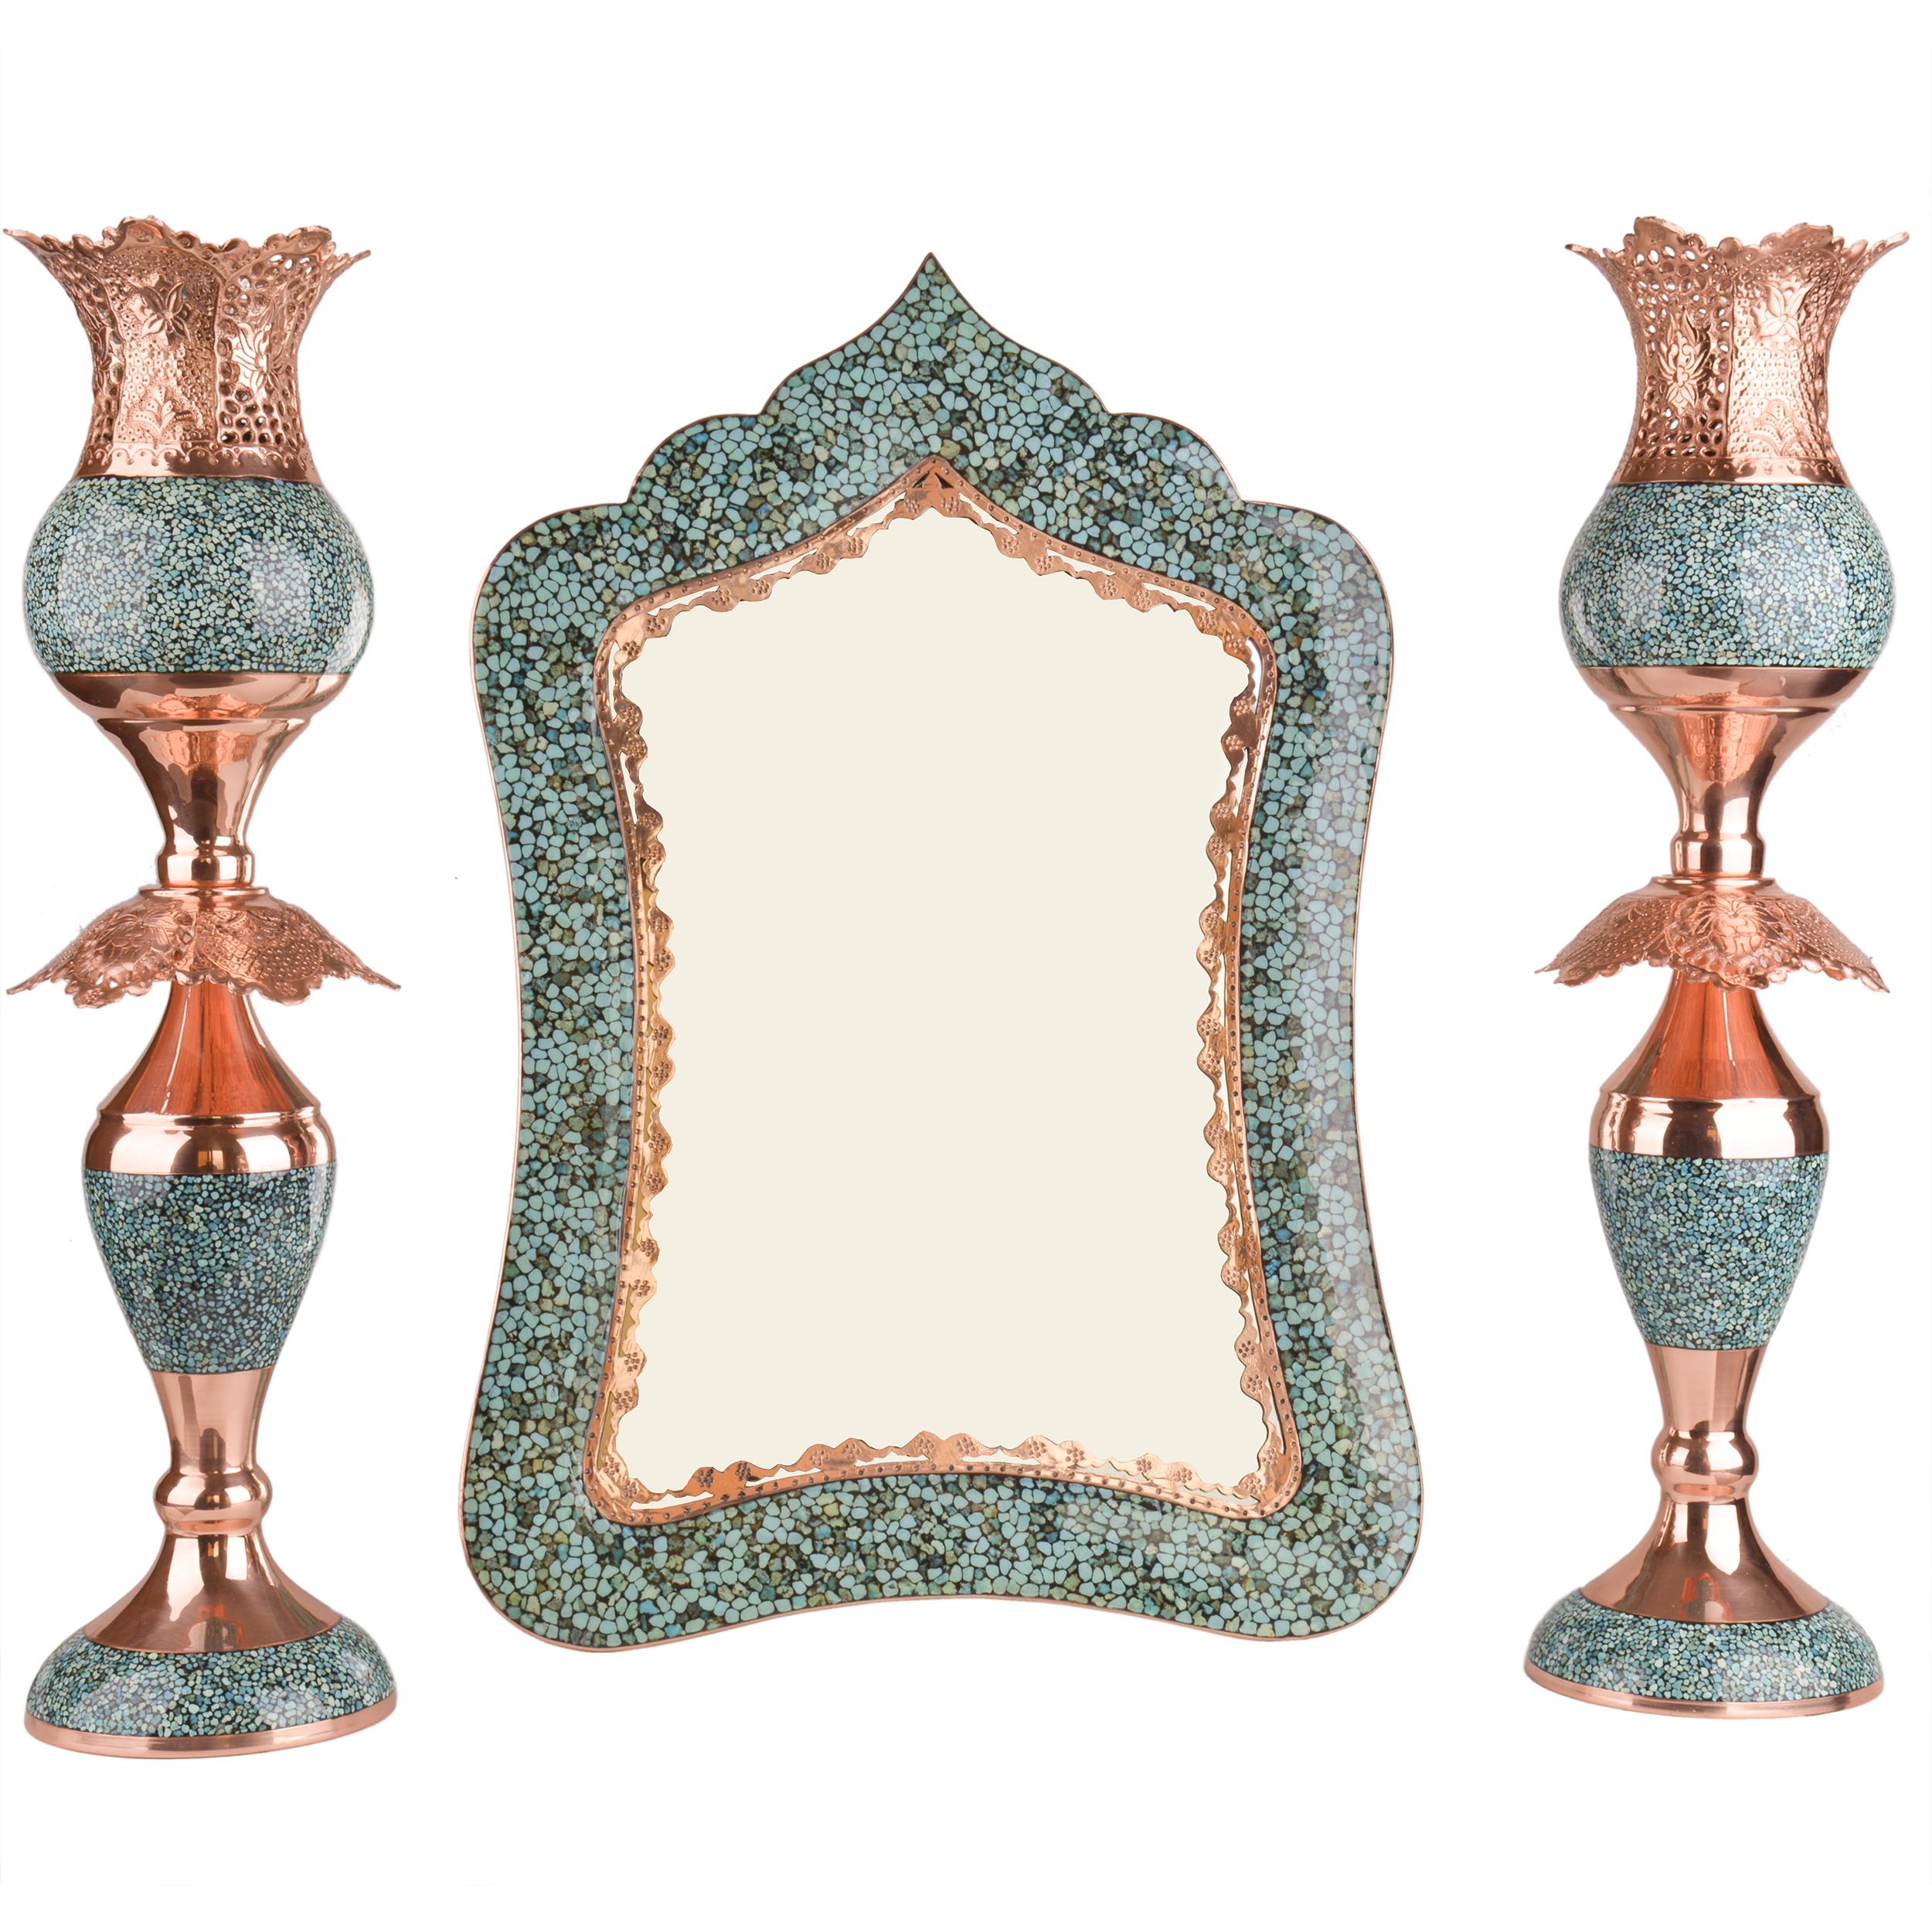 ست 3 تکه آینه و شمعدان فیروزه کوبی هنرلوکس مدل لاله کد S3